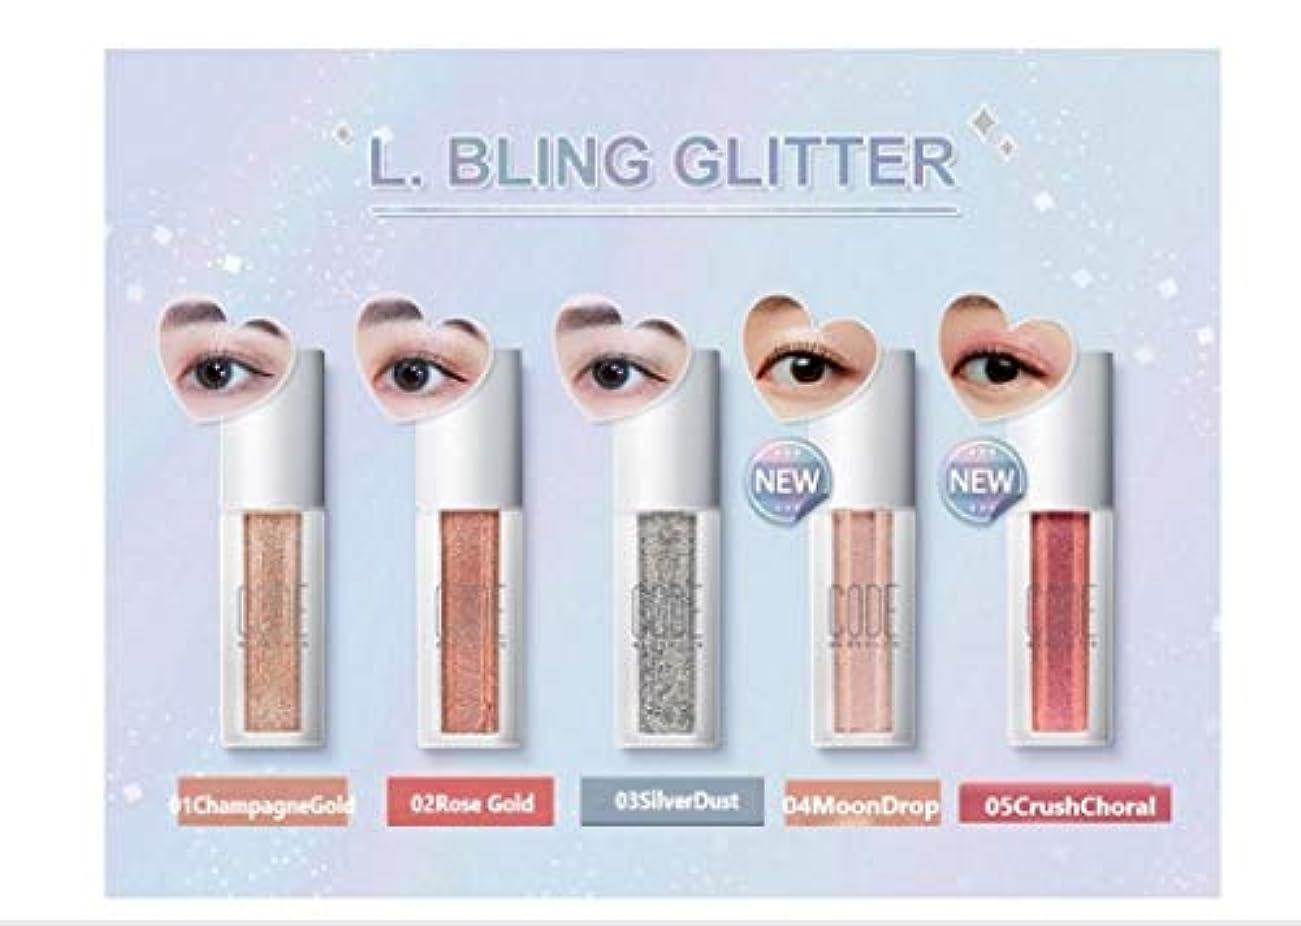 変な使用法電気陽性COOD☆Bling Glitter ブリング グリッターアイシャドウ 4.5g/NEW 2色[並行輸入品] (#05CrushChoral)